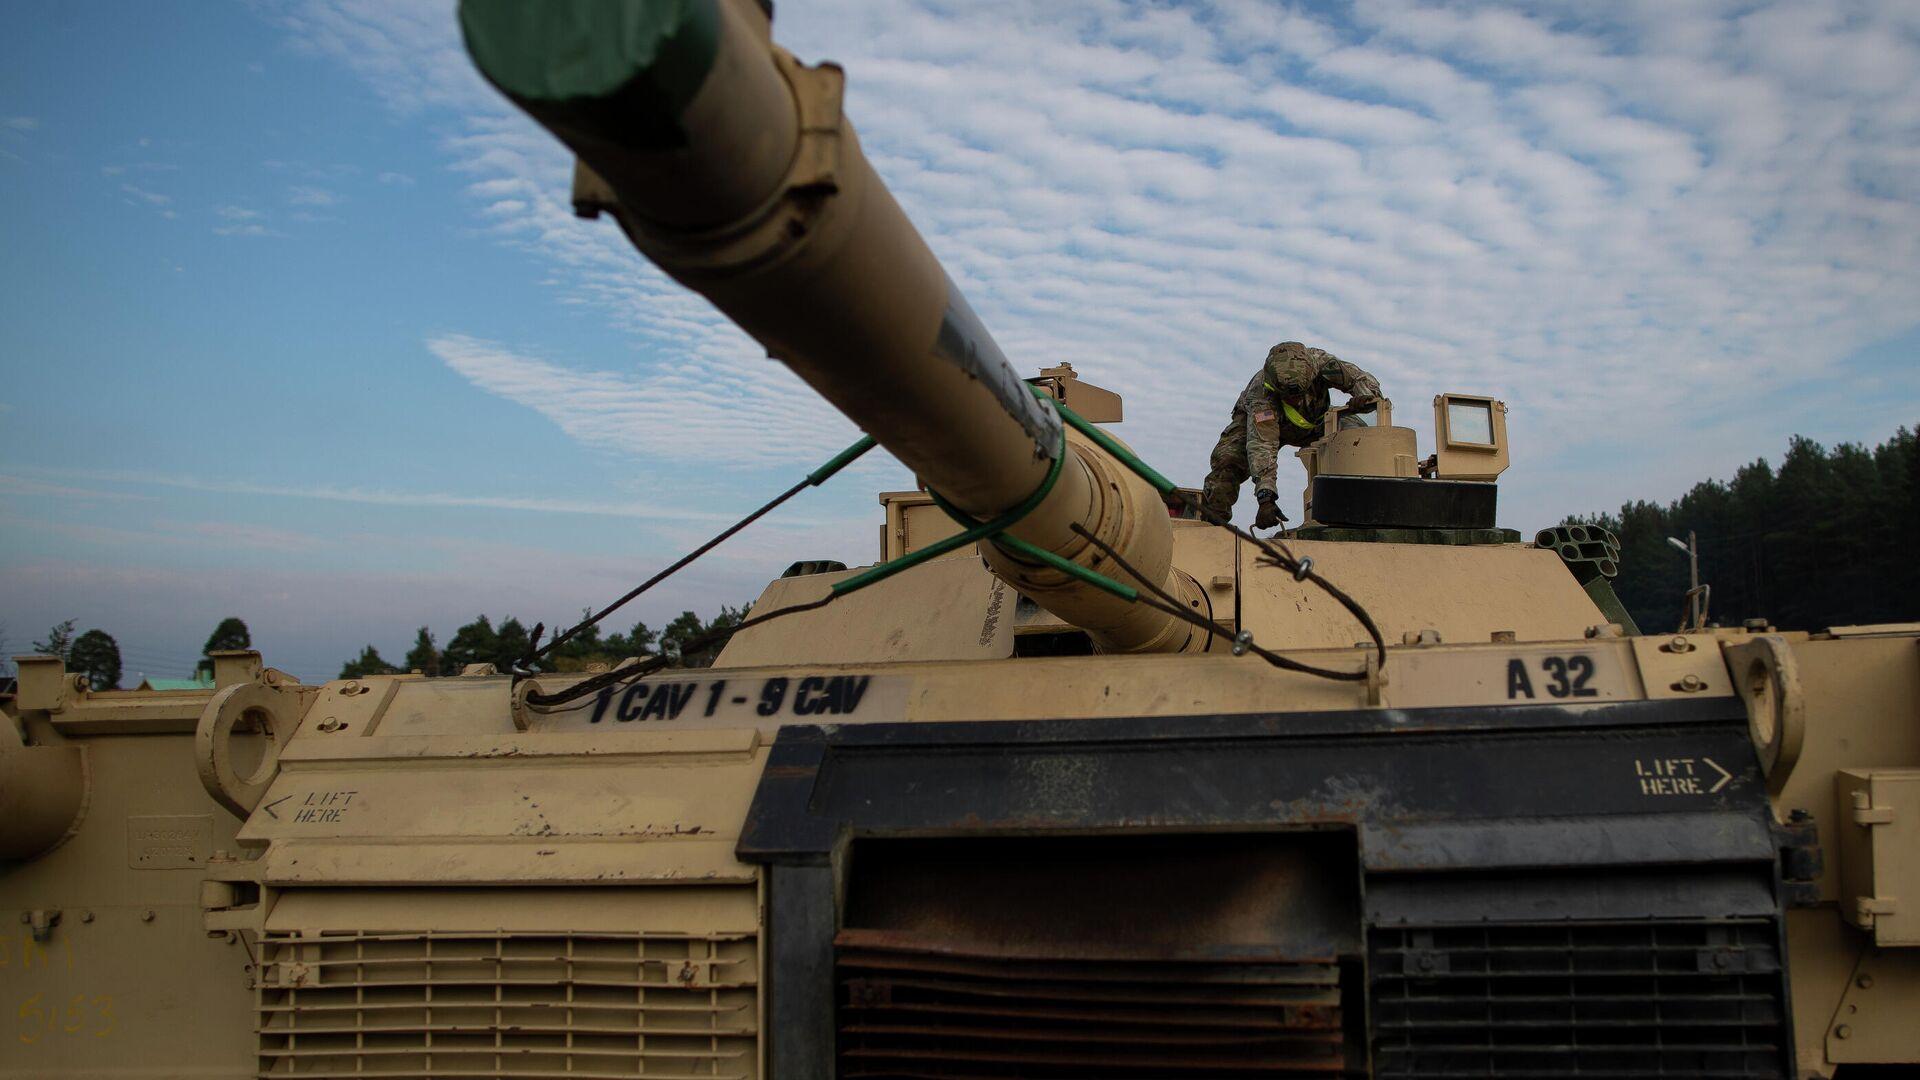 Американский военнослужащий готовит танк Abrams к разгрузке на железнодорожной станции в Литве - РИА Новости, 1920, 15.07.2021